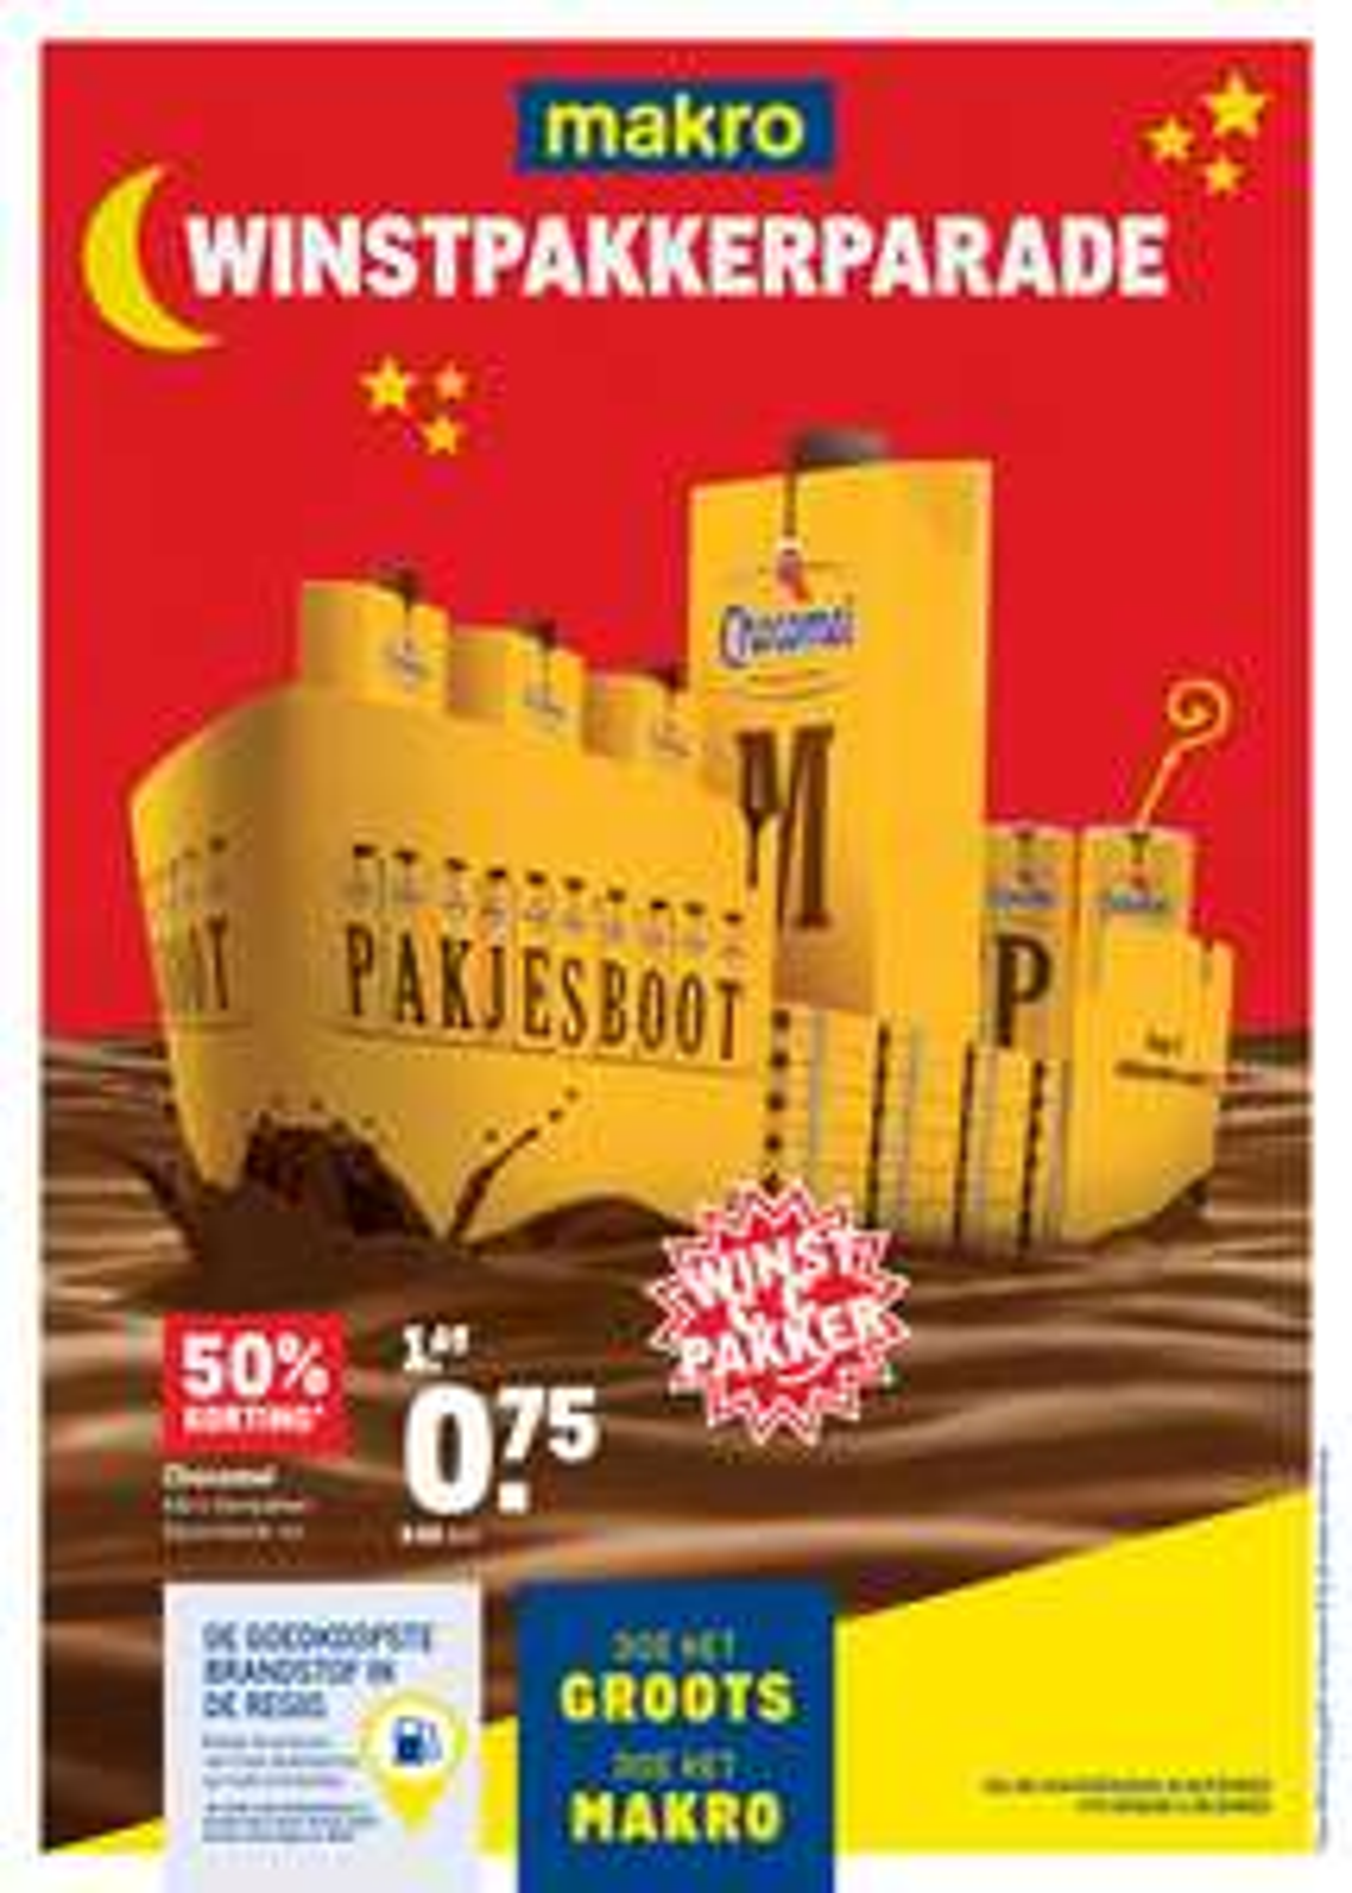 Chocomel voor €0,82 per pak (1L) @Makro